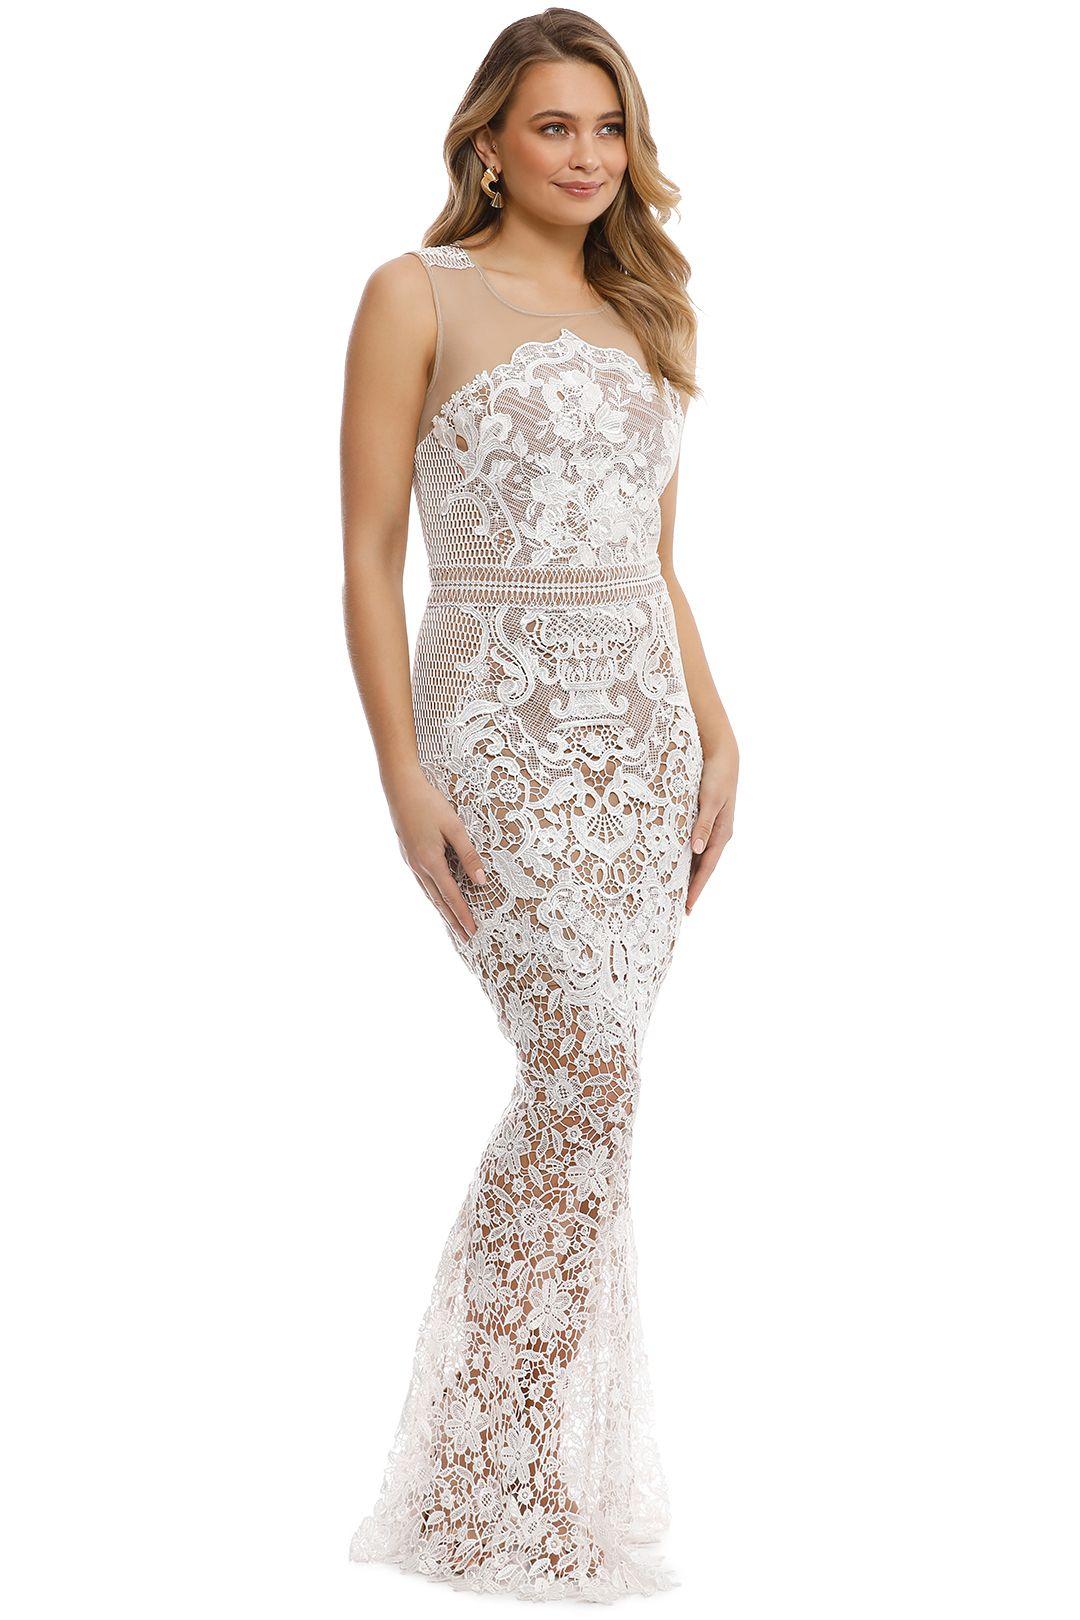 Grace & Hart - Renaissance Gown - White - Side